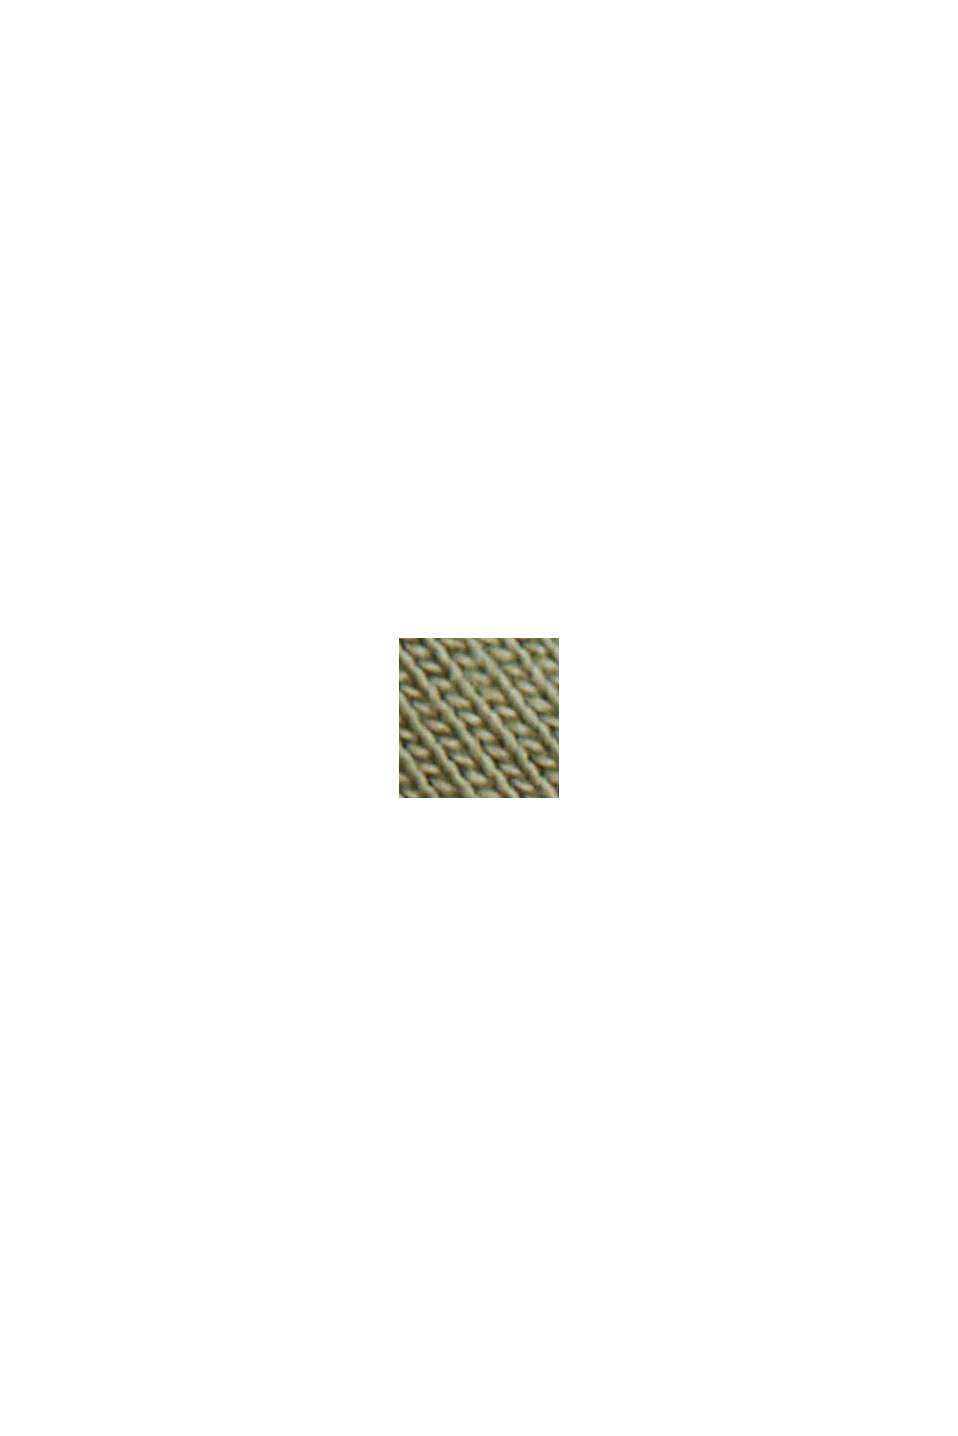 Maglia con dettagli a giorno, cotone biologico/TENCEL™, NEW LIGHT KHAKI, swatch